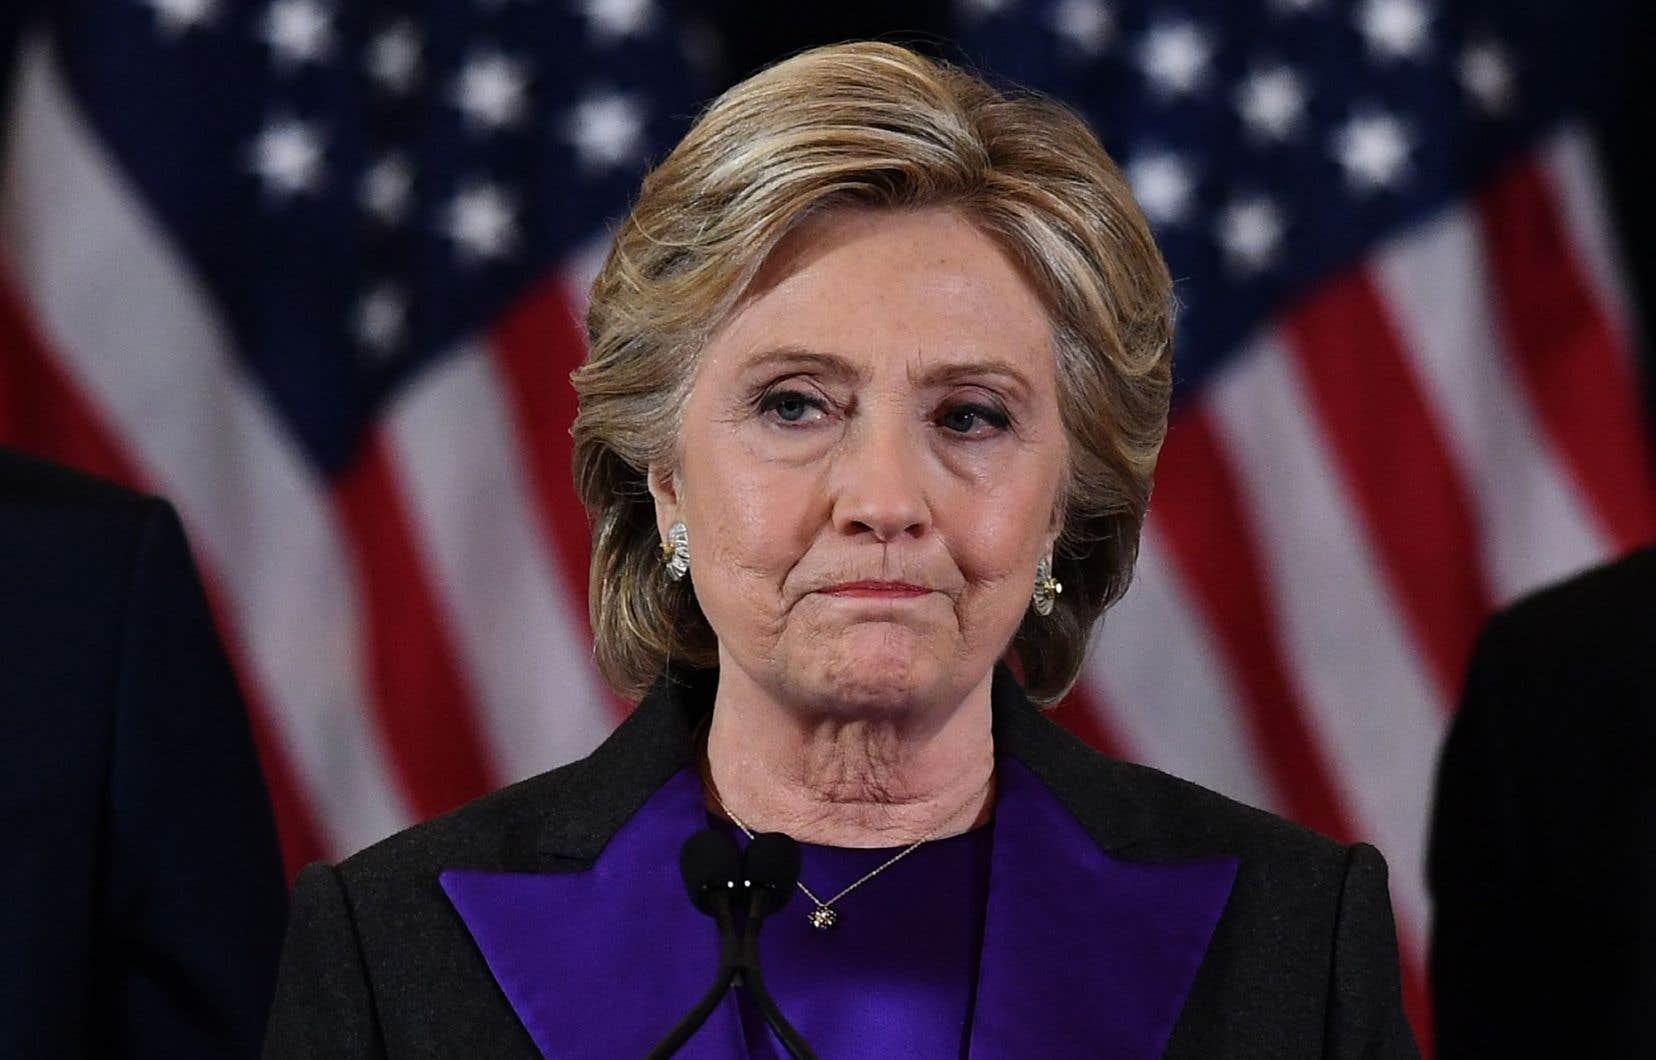 Hillary Clinton a aussi mis sa défaite sur le compte de l'ex-directeur du FBI James Comey, qui a brièvement rouvert le dossier de ses e-mails quelques jours avant l'élection.